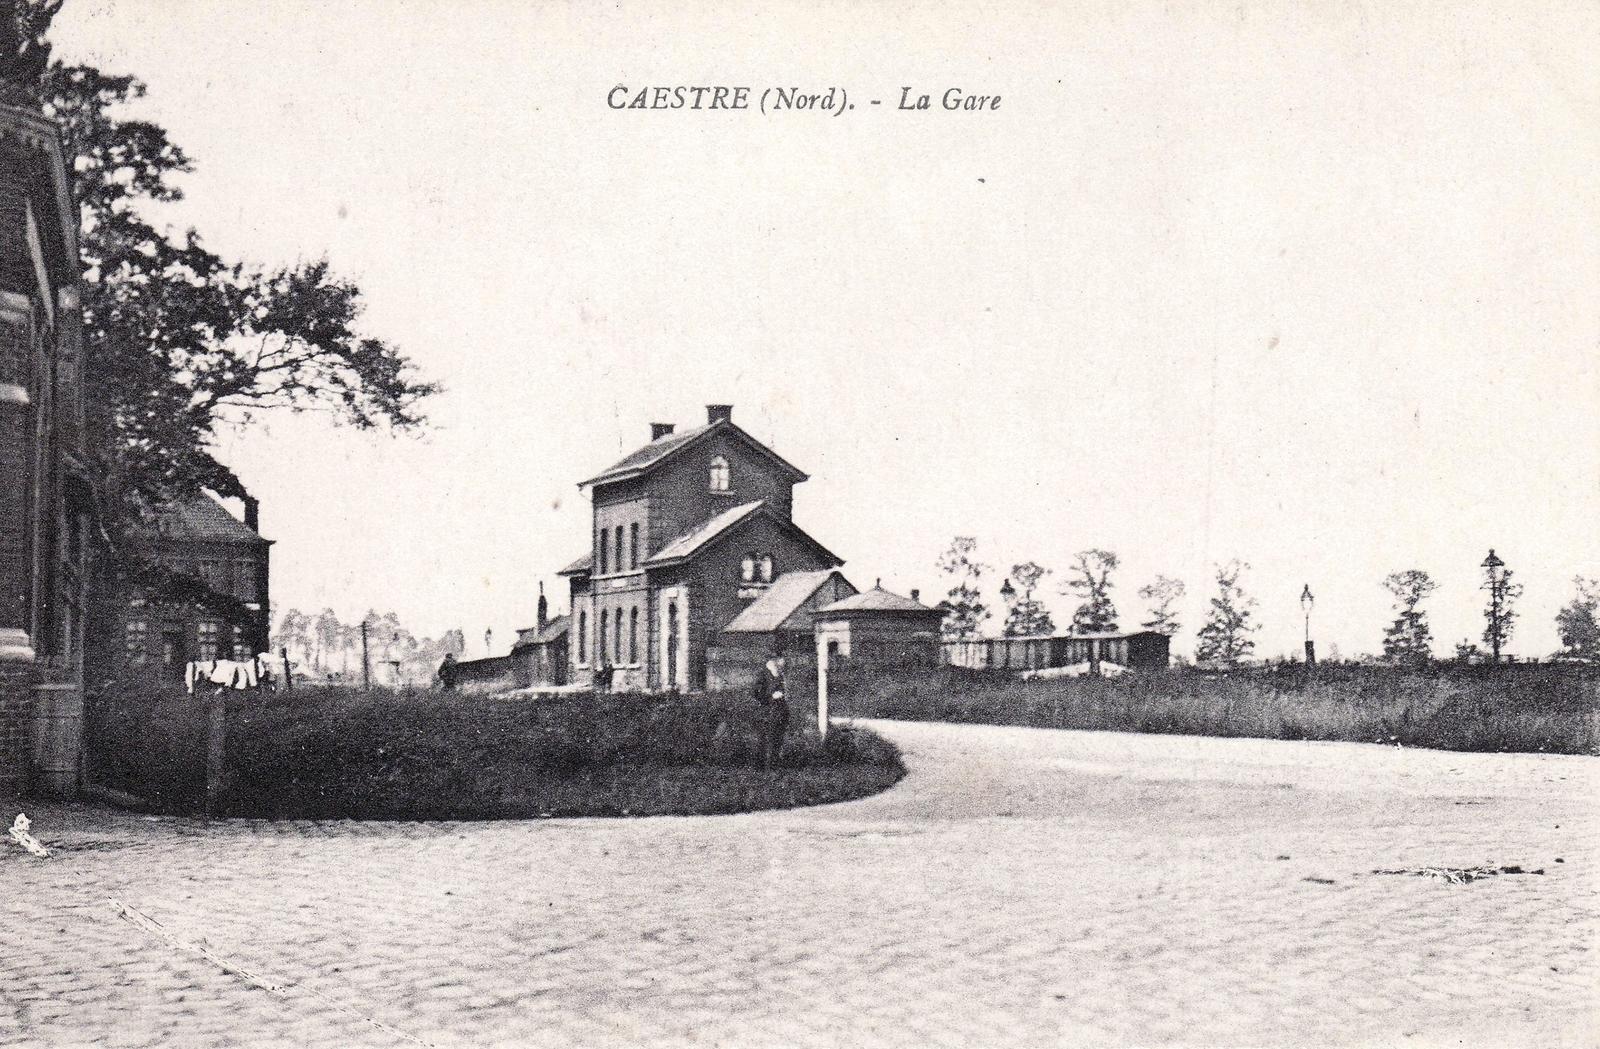 Caëstre - La gare - Carte postale ancienne et vue d'Hier et Aujourd'hui -  Geneanet